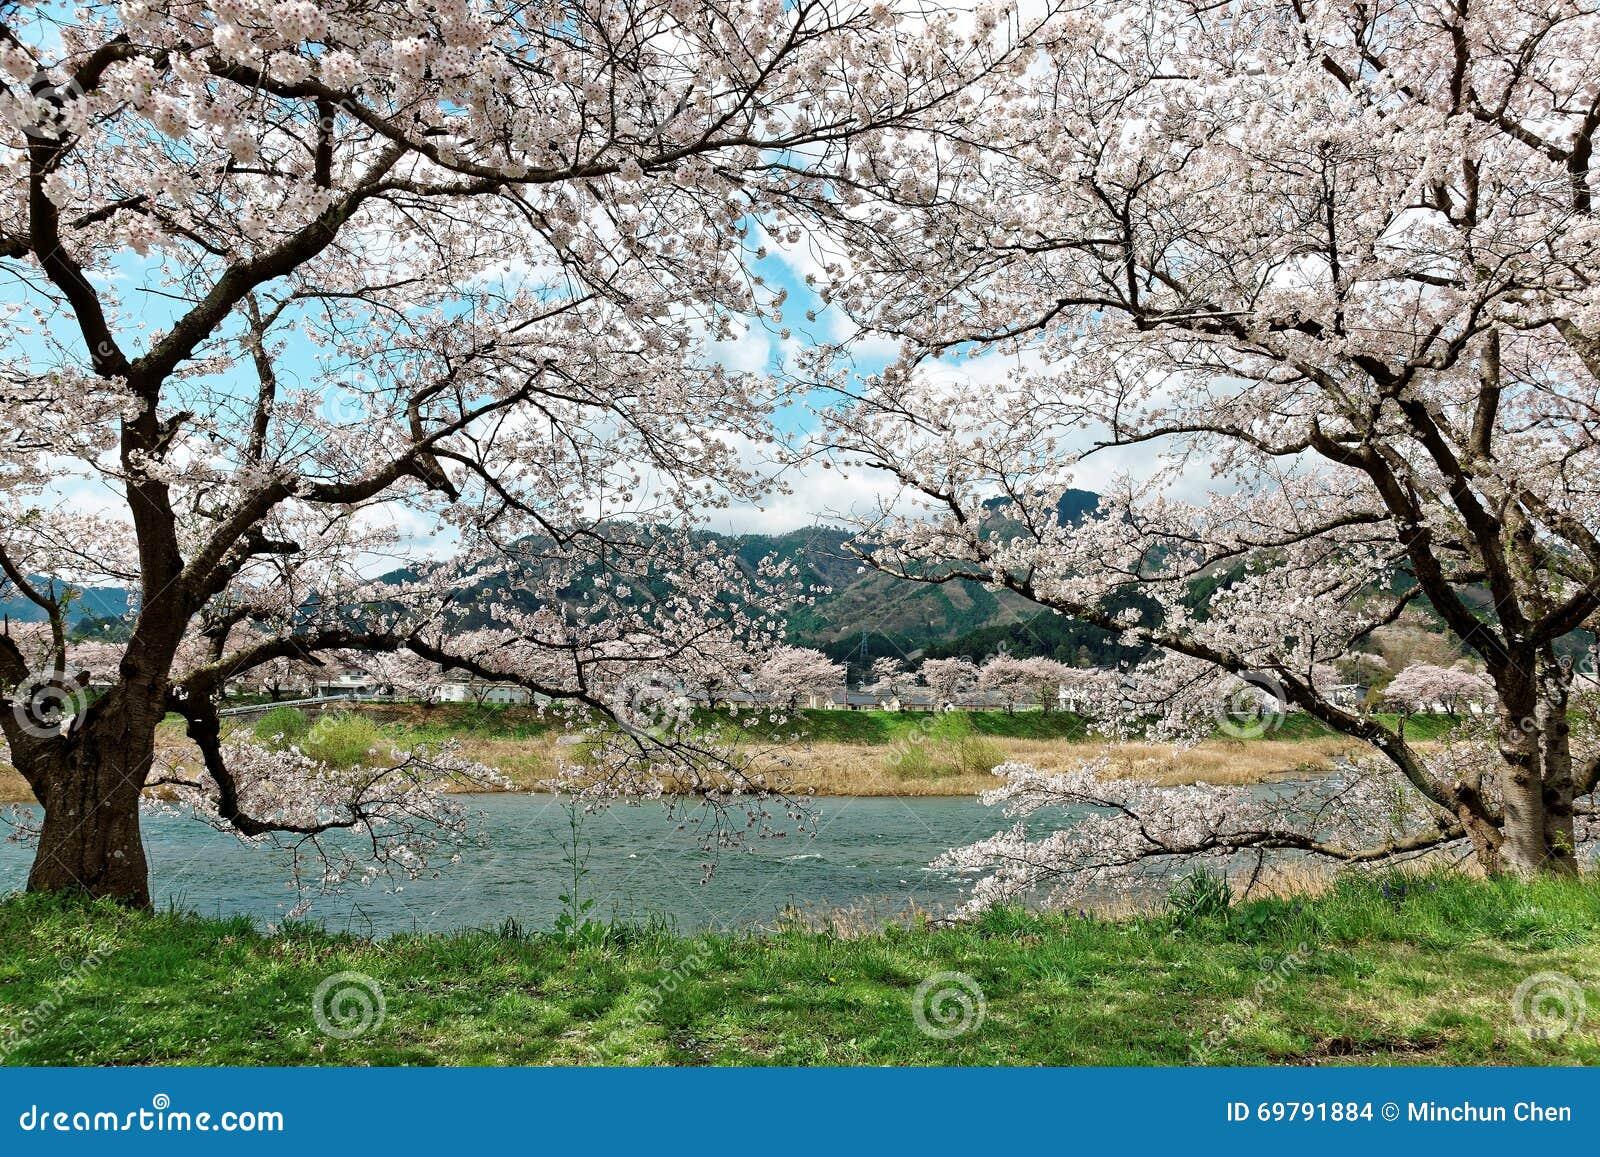 beau paysage de campagne japonaise idyllique dans le. Black Bedroom Furniture Sets. Home Design Ideas